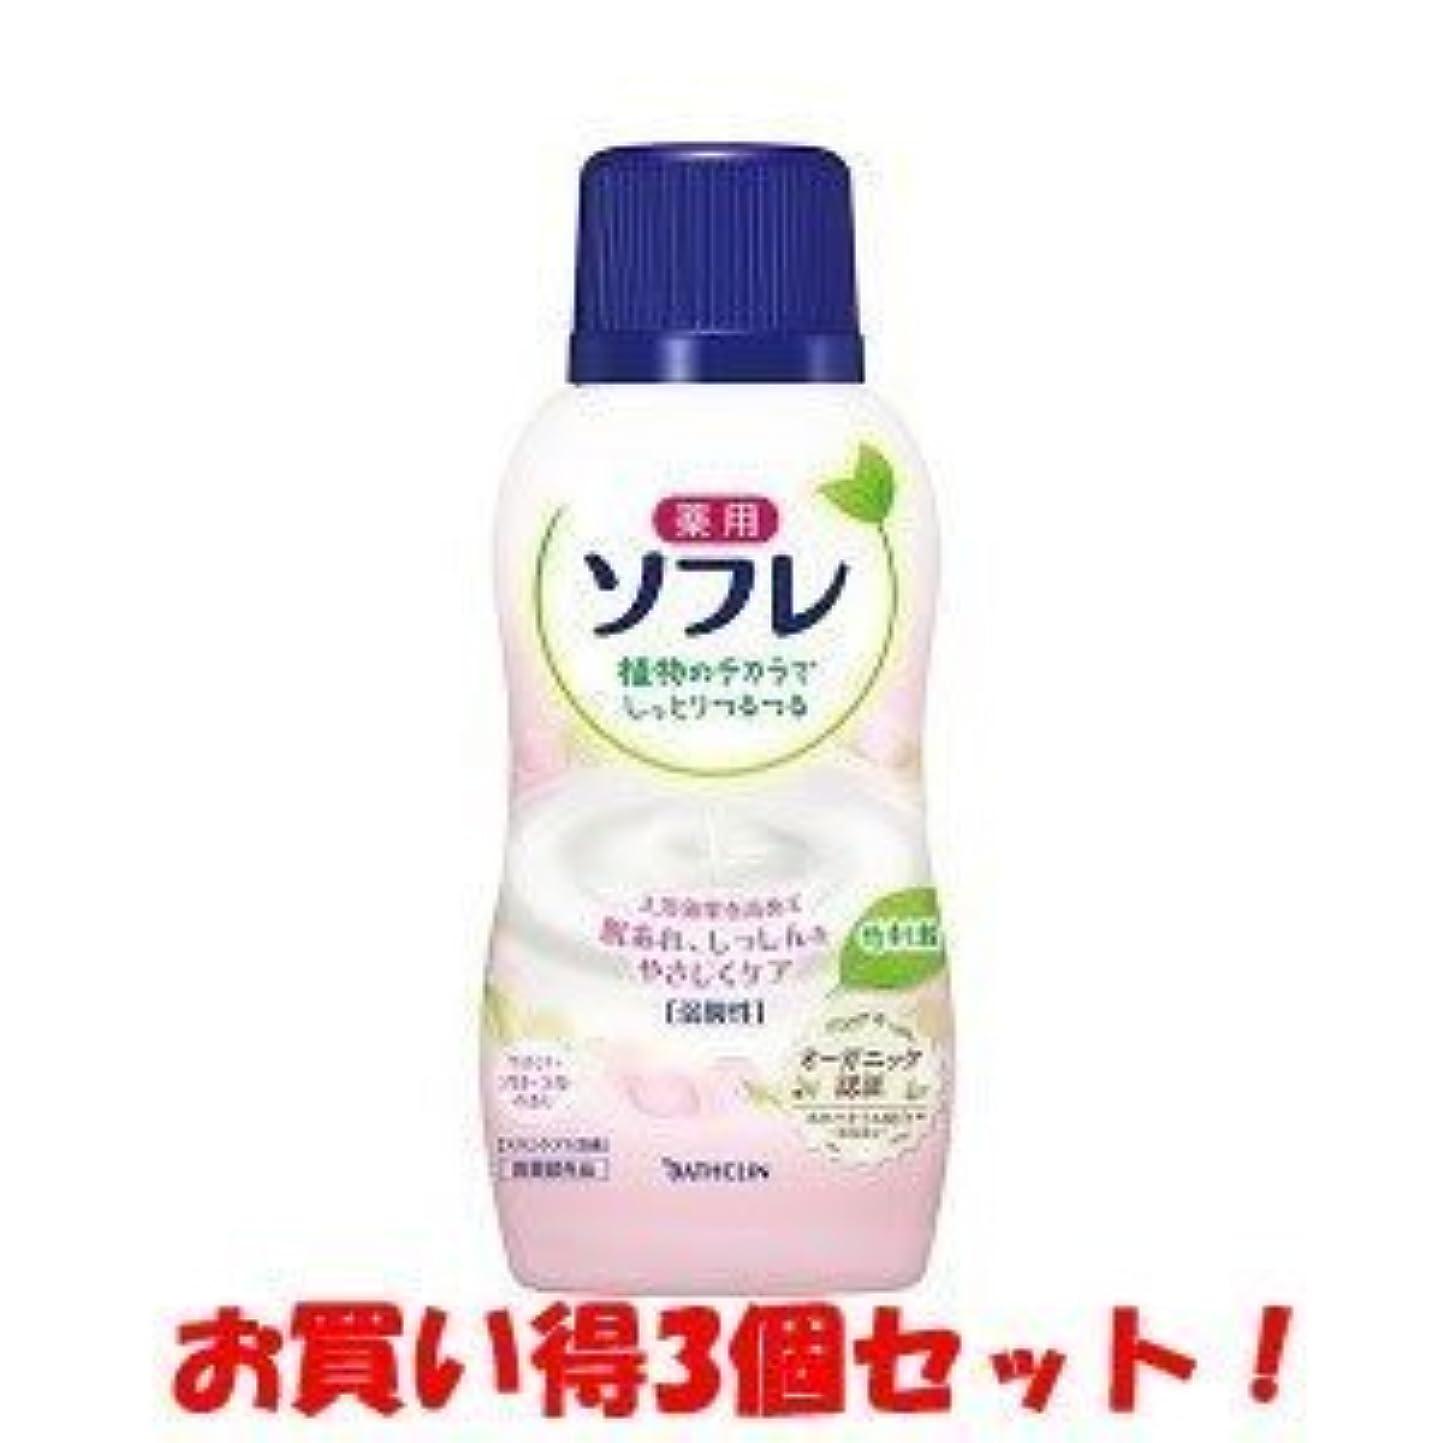 明らかレーザ序文(バスクリン)薬用ソフレ スキンケア入浴液 やさしいフローラル香り 720ml(医薬部外品)(お買い得3個セット)